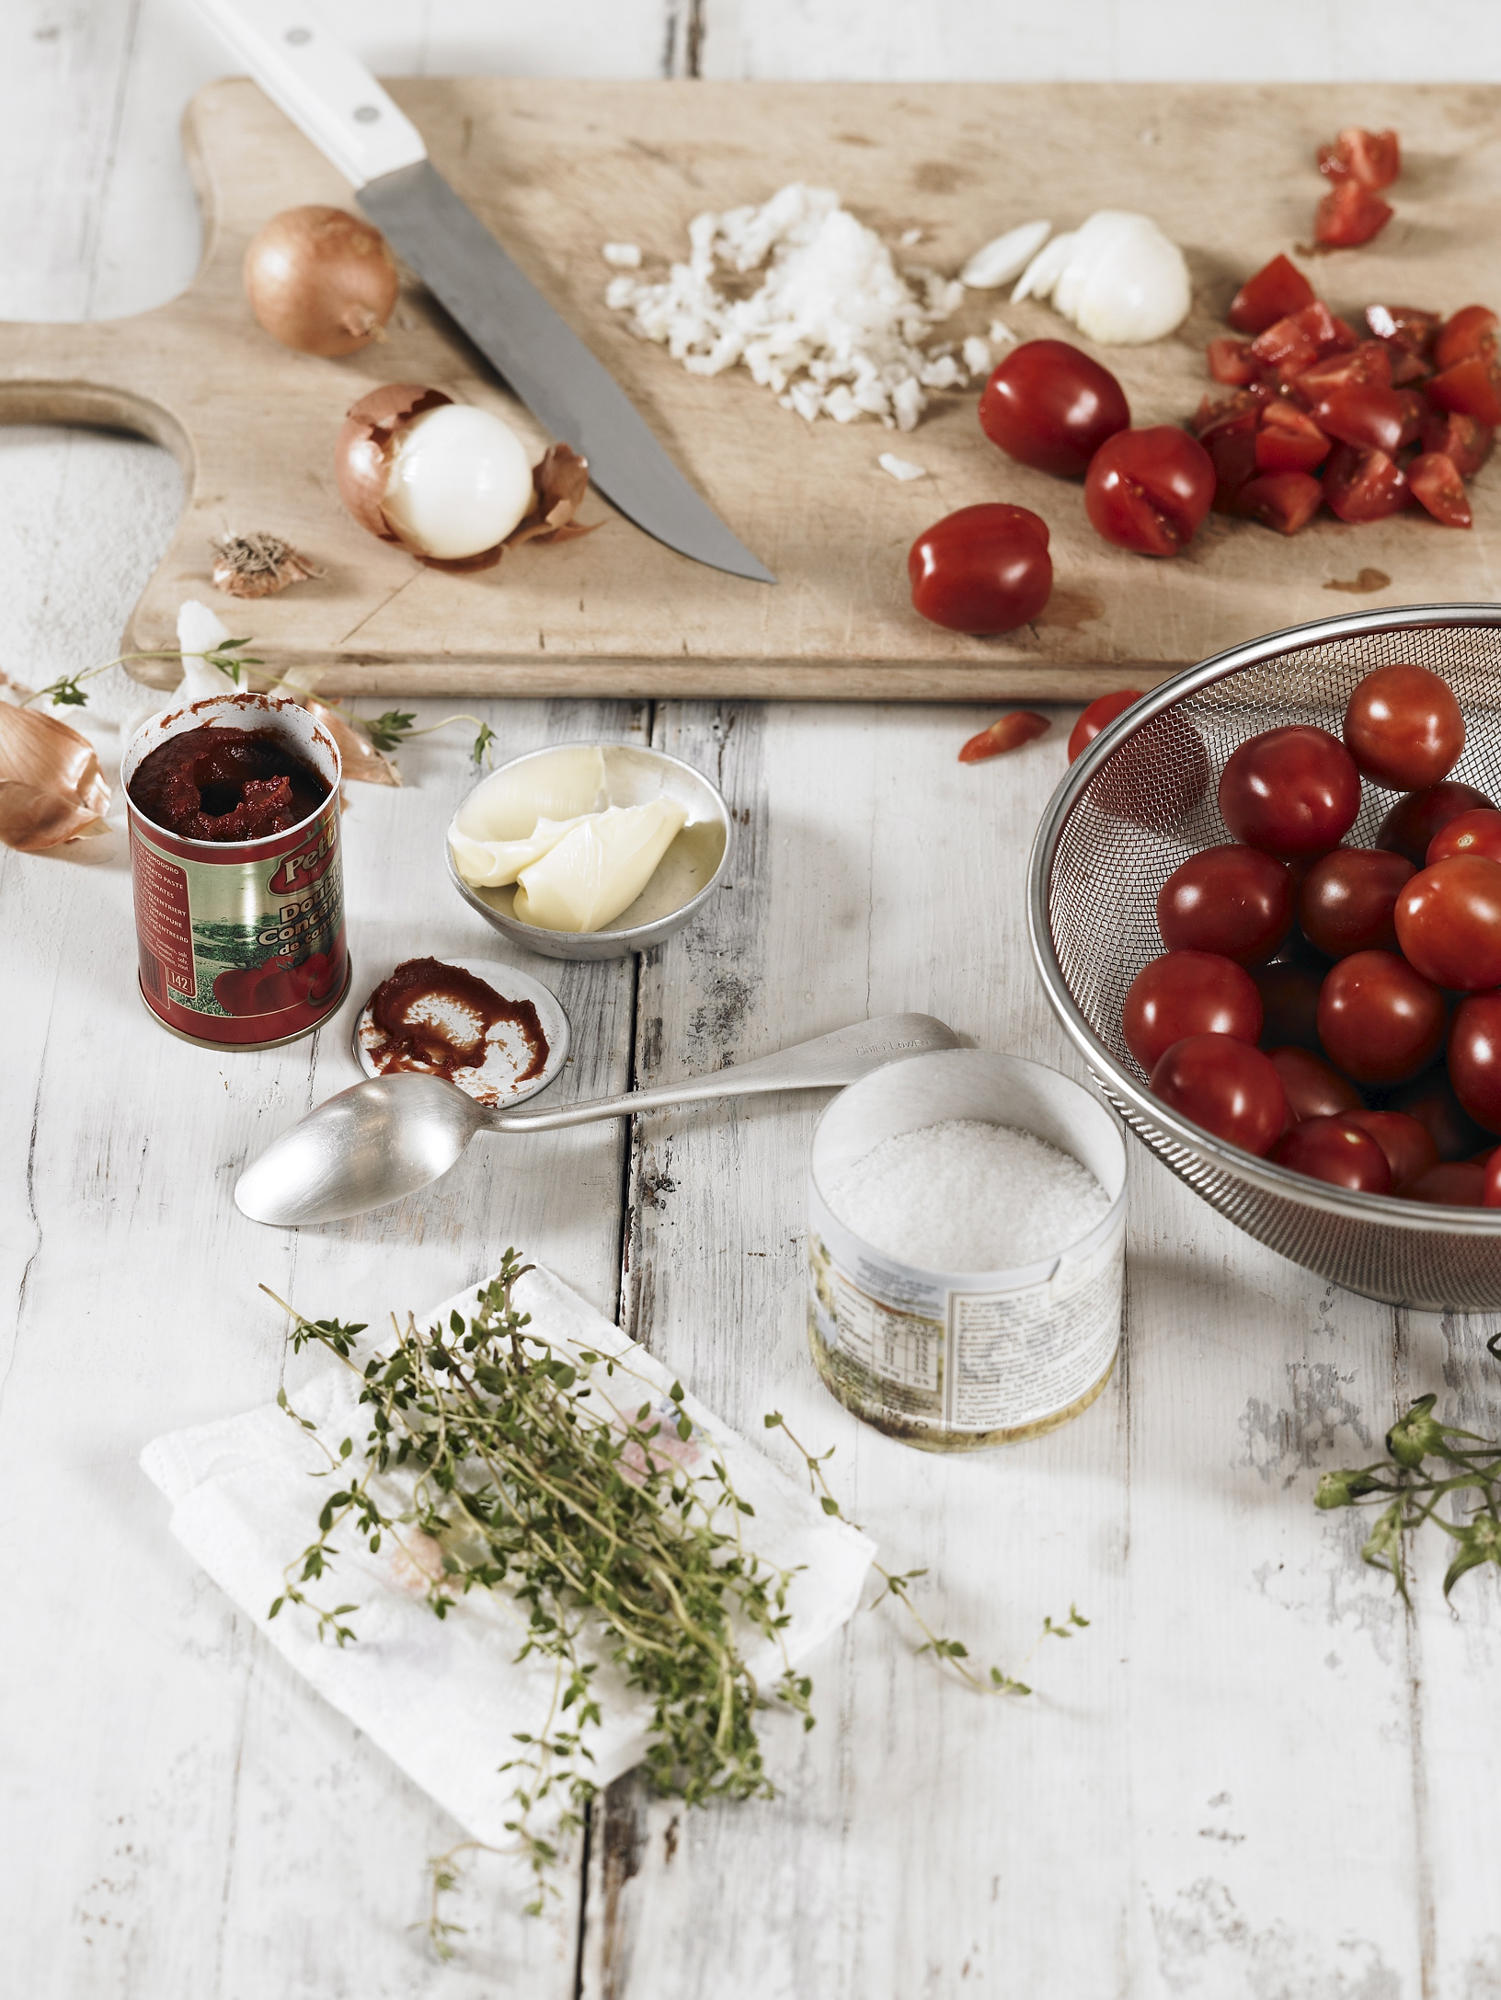 Zutaten für Tomatensuppe